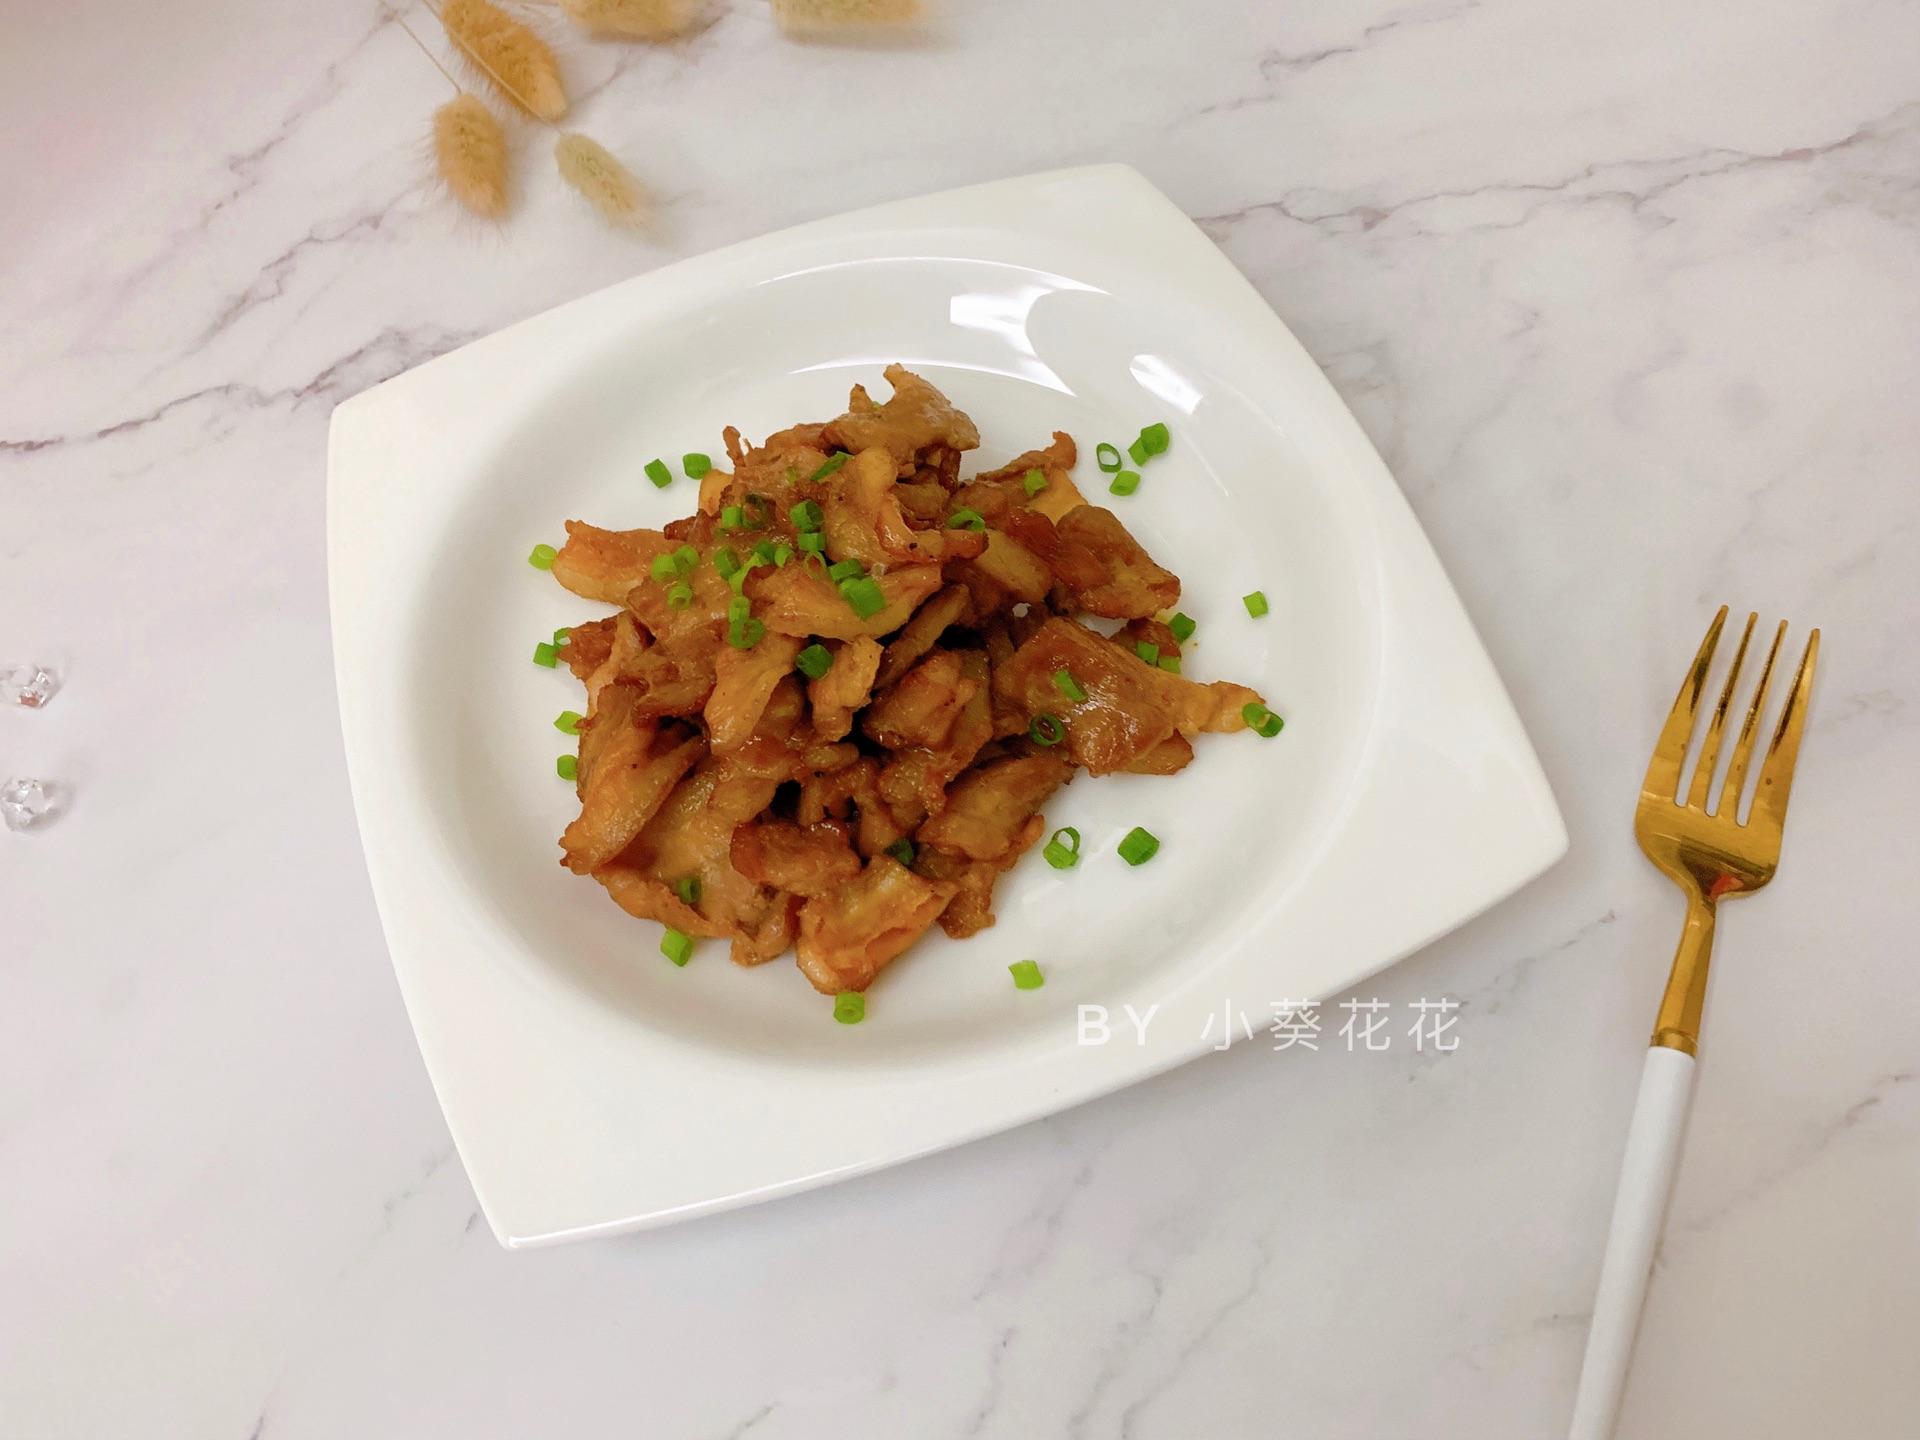 烤五花肉片#硬核菜谱制作人#黄米年糕用油怎么煎